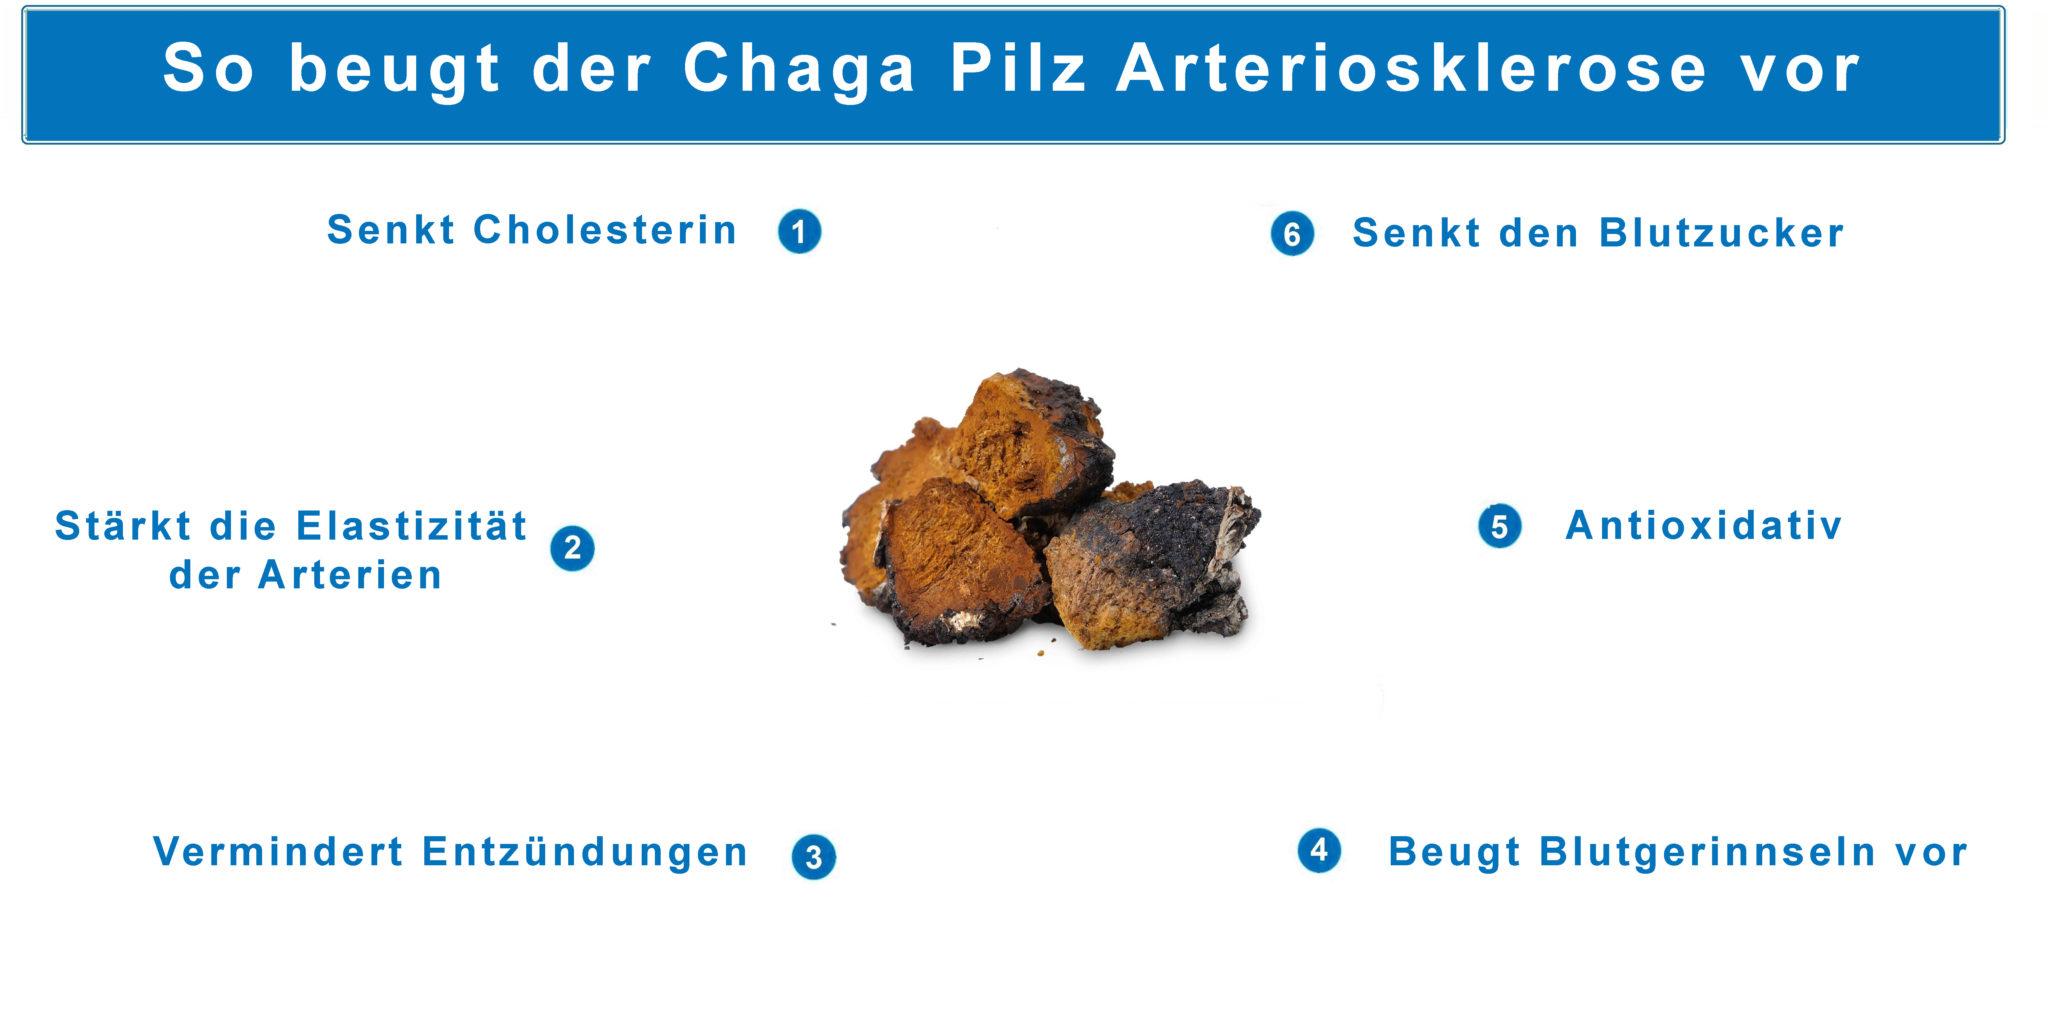 Graphik Arteriosklerose behandeln mit Chaga